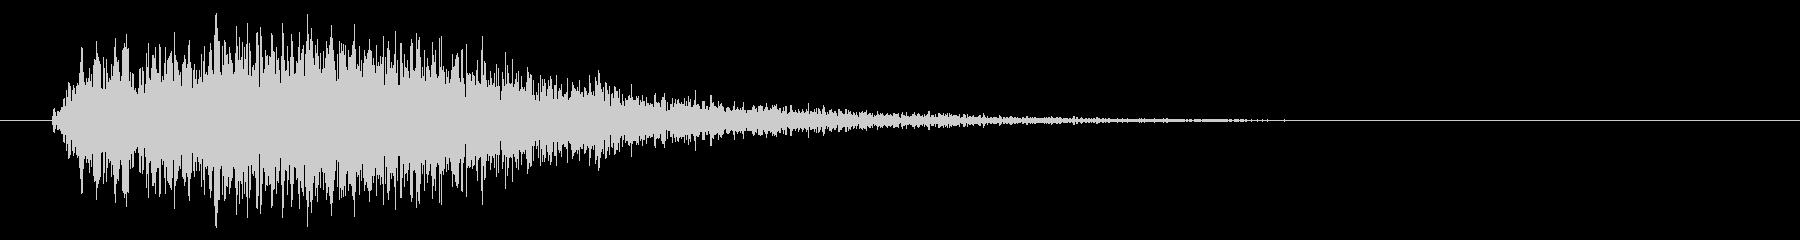 ジャジャン!定番!クイズの効果音【05】の未再生の波形